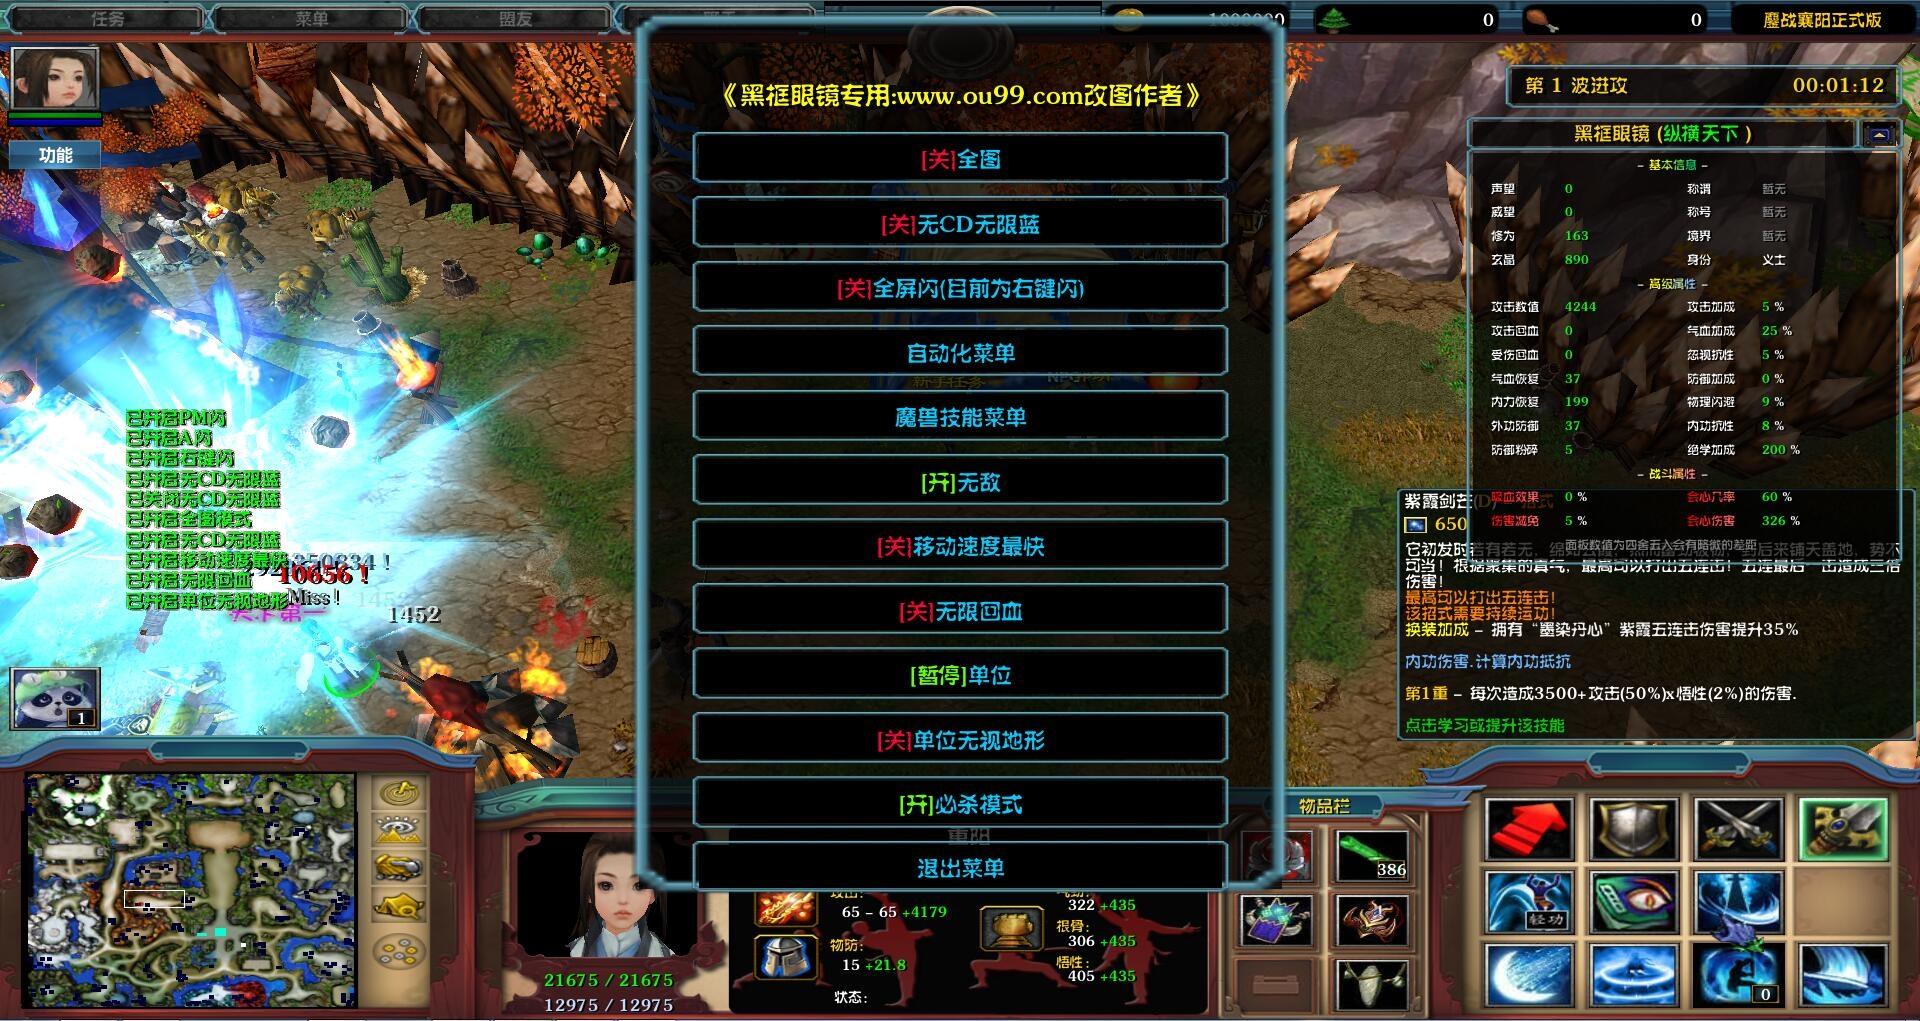 鏖战襄阳3.2.0黑式破解